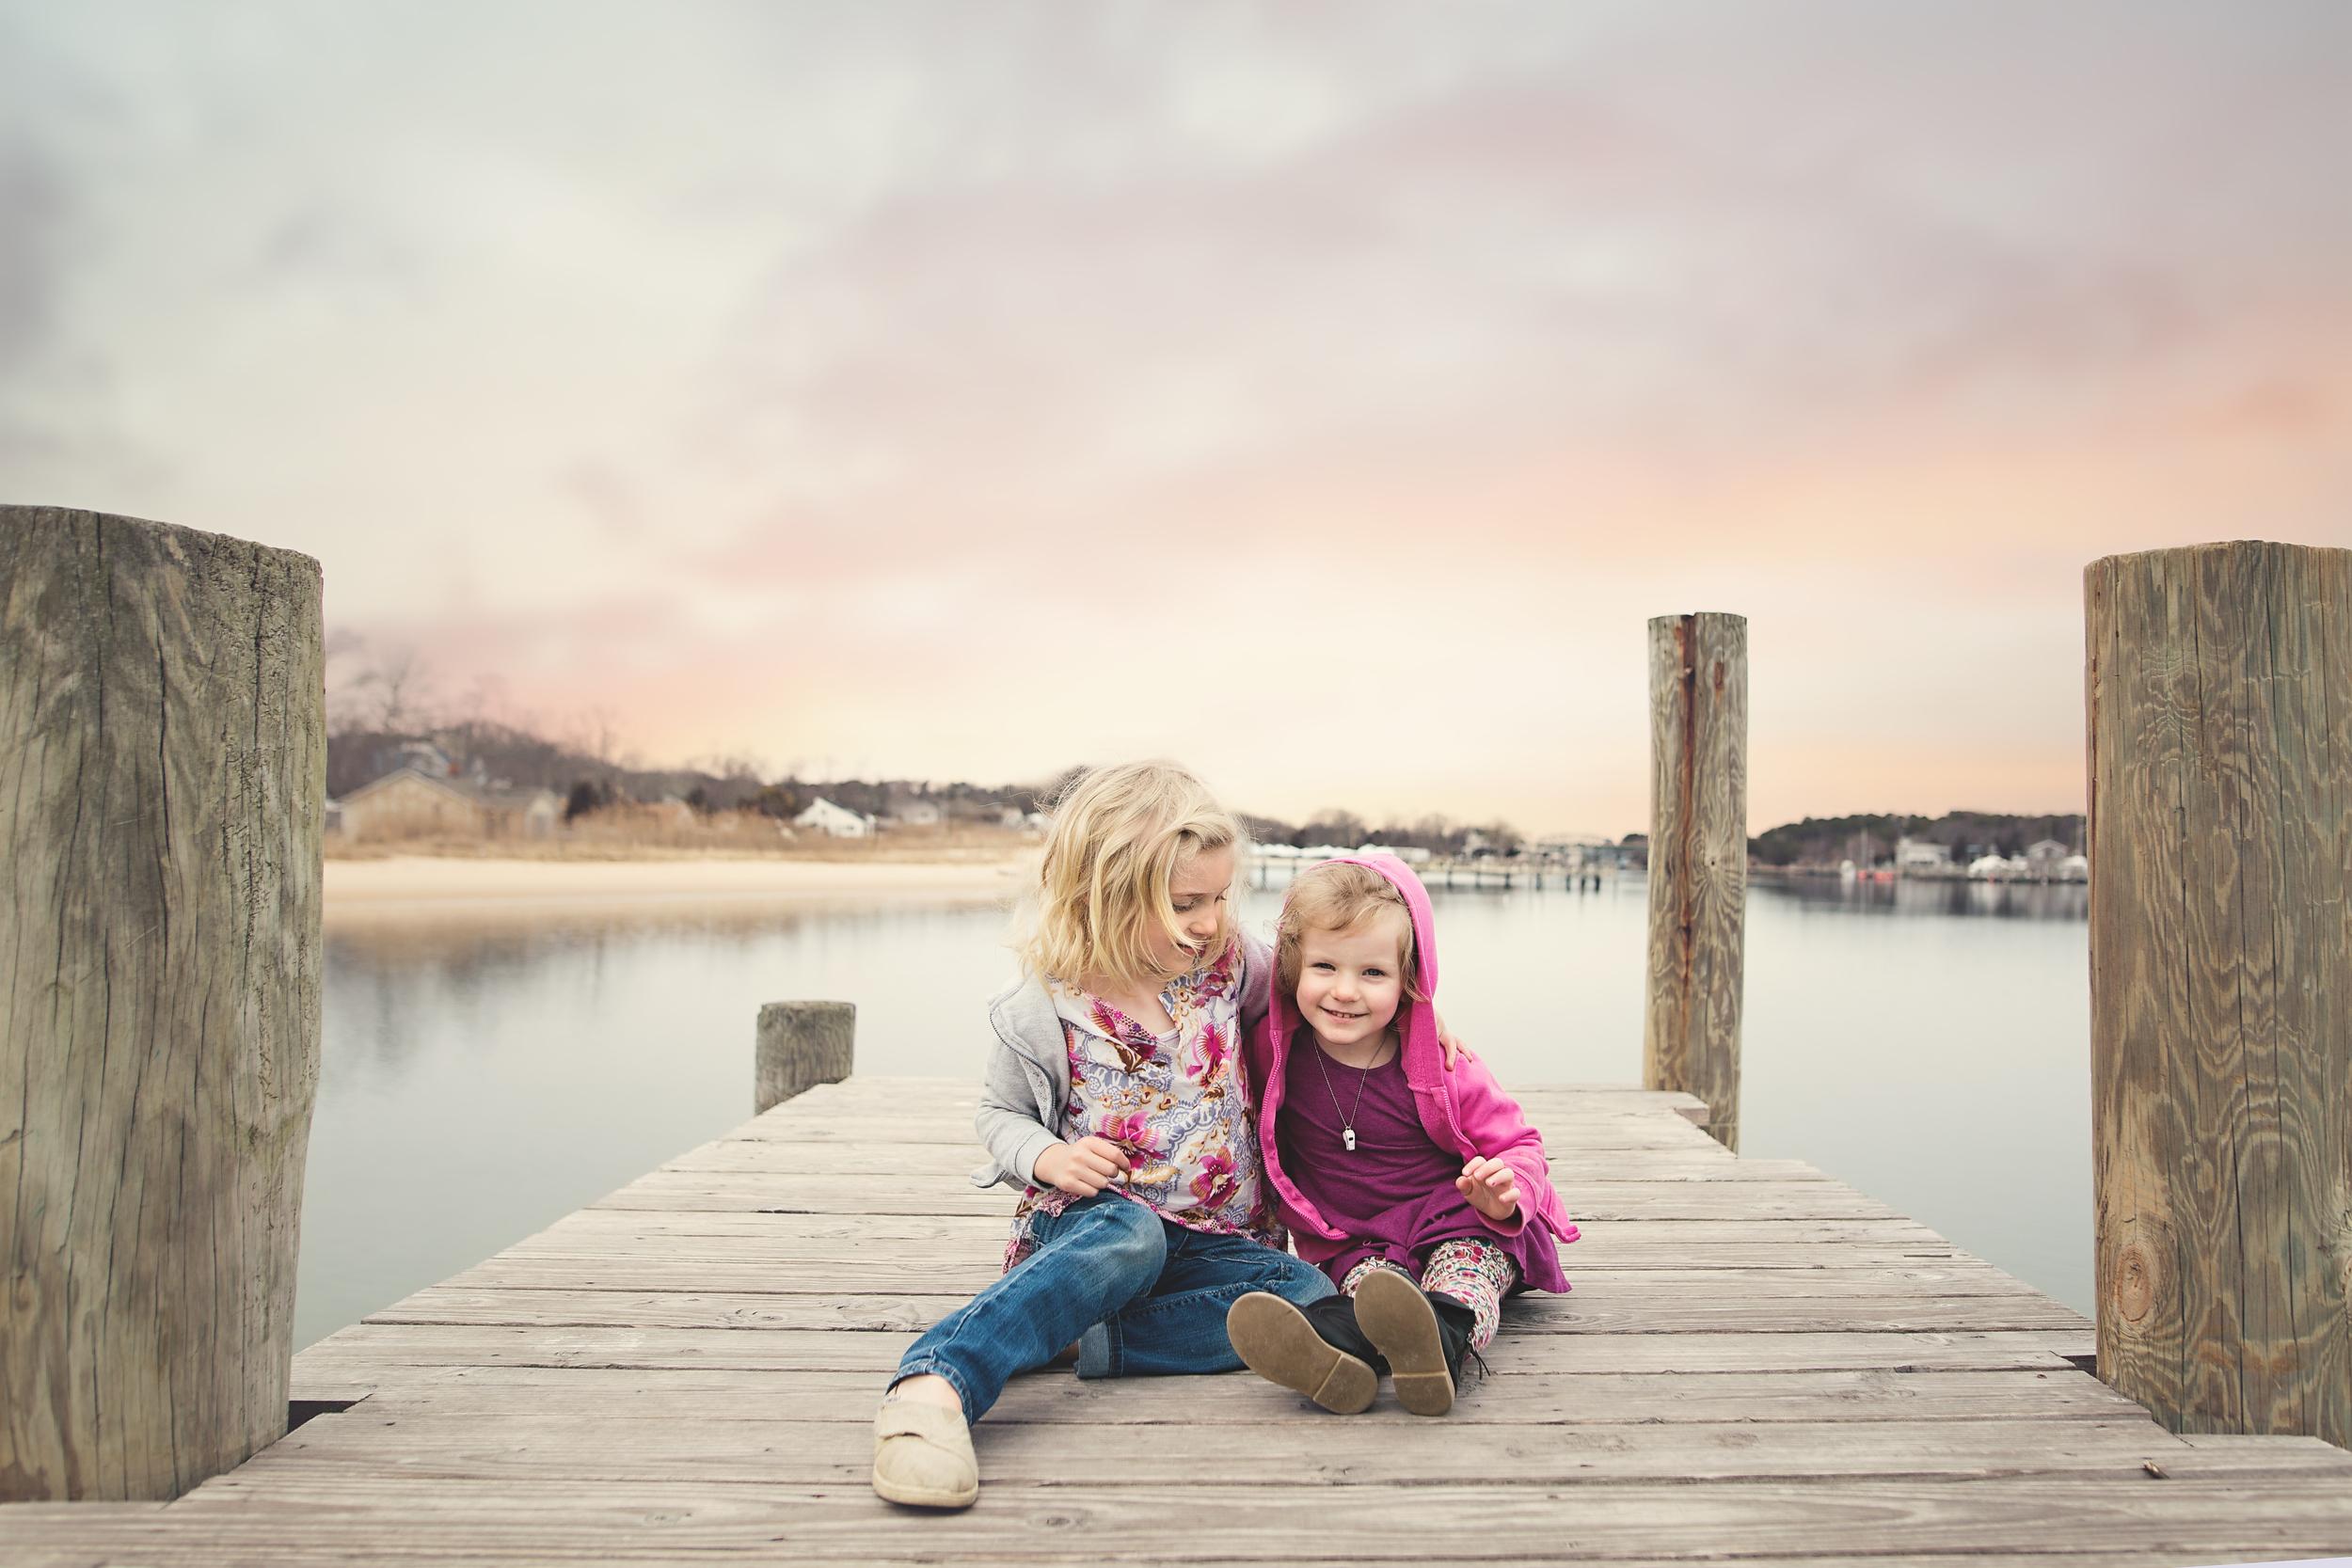 Hello-olivia-photography-long-island-family-photographer.Rumba-hampton-bays.jpg